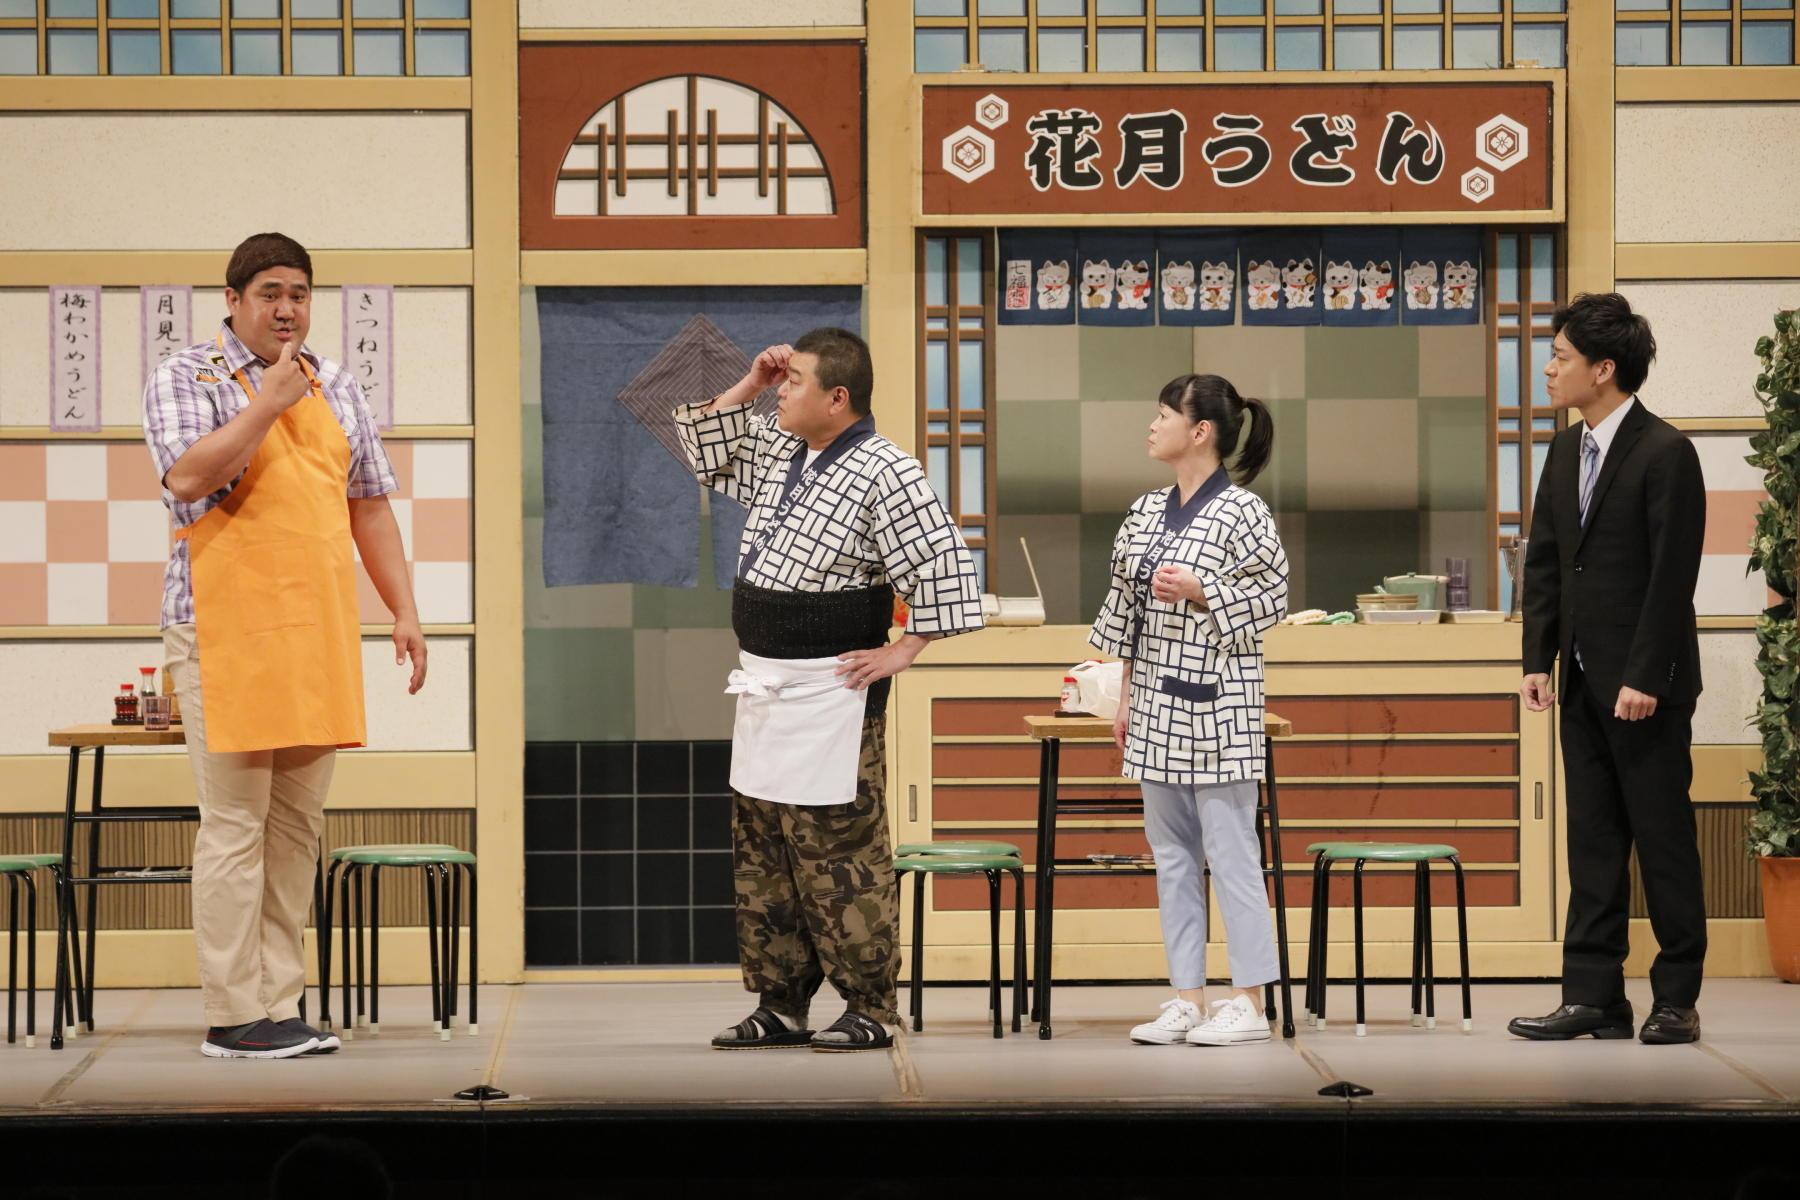 http://news.yoshimoto.co.jp/20180727005445-bf471328ea5ca2f9343bf399ef08c4e1b6c67bdb.jpg